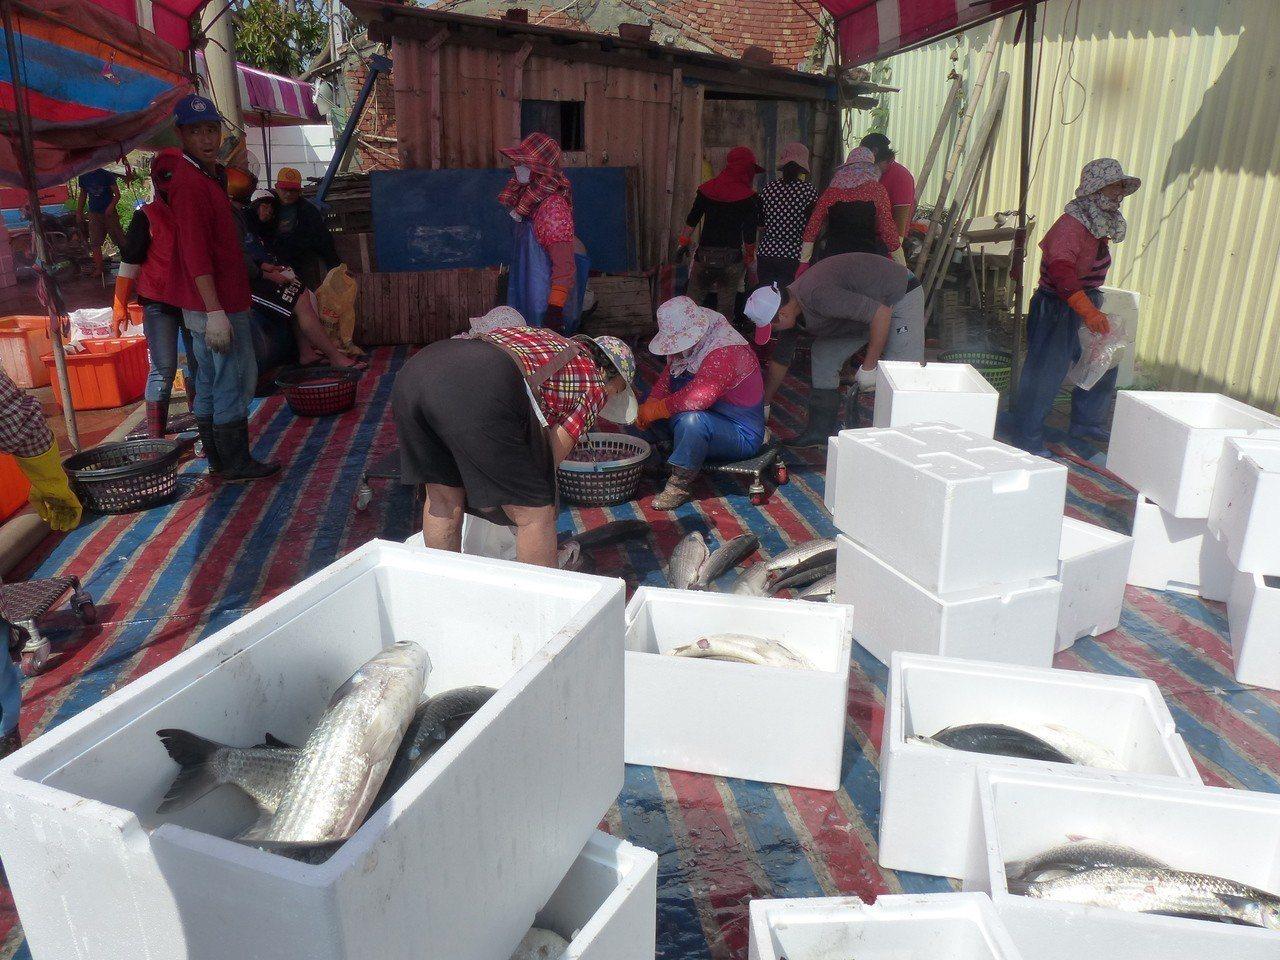 漁民在烏魚池裡圍網,連網帶魚吊掛上岸,很多老饕爭相搶購。記者劉明岩/攝影